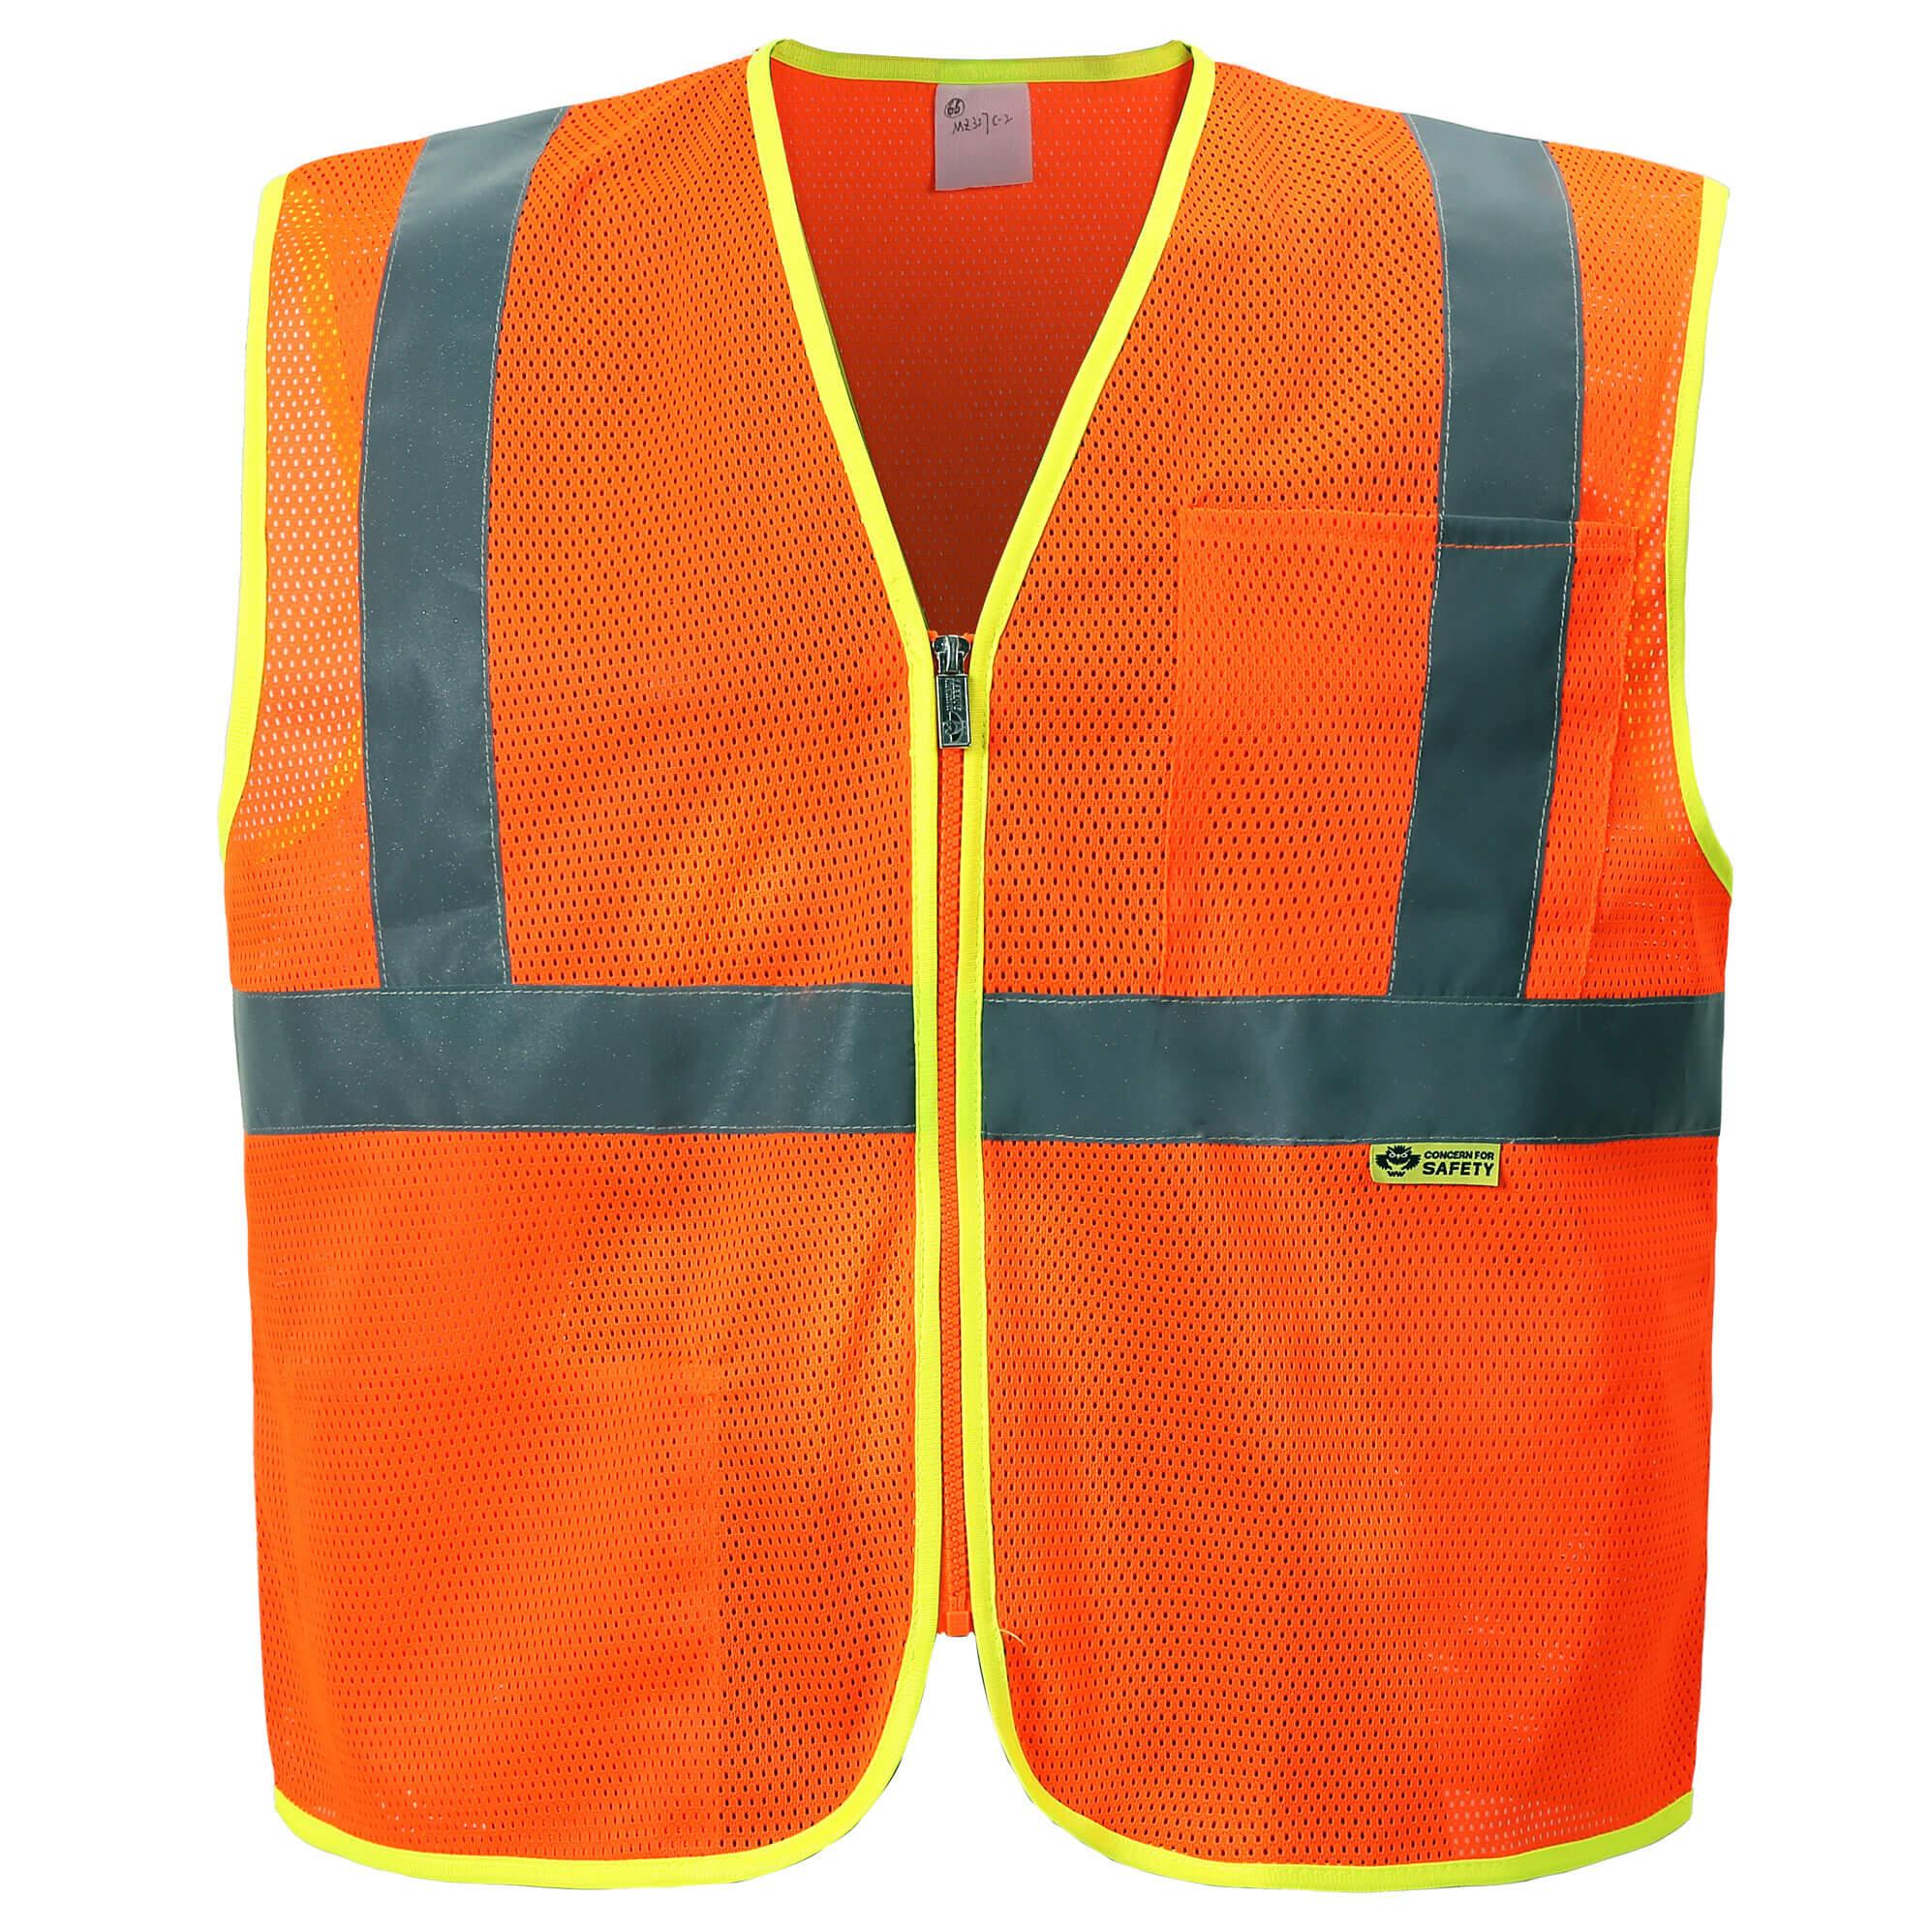 Mesh Economy Zipper Safety Vest-